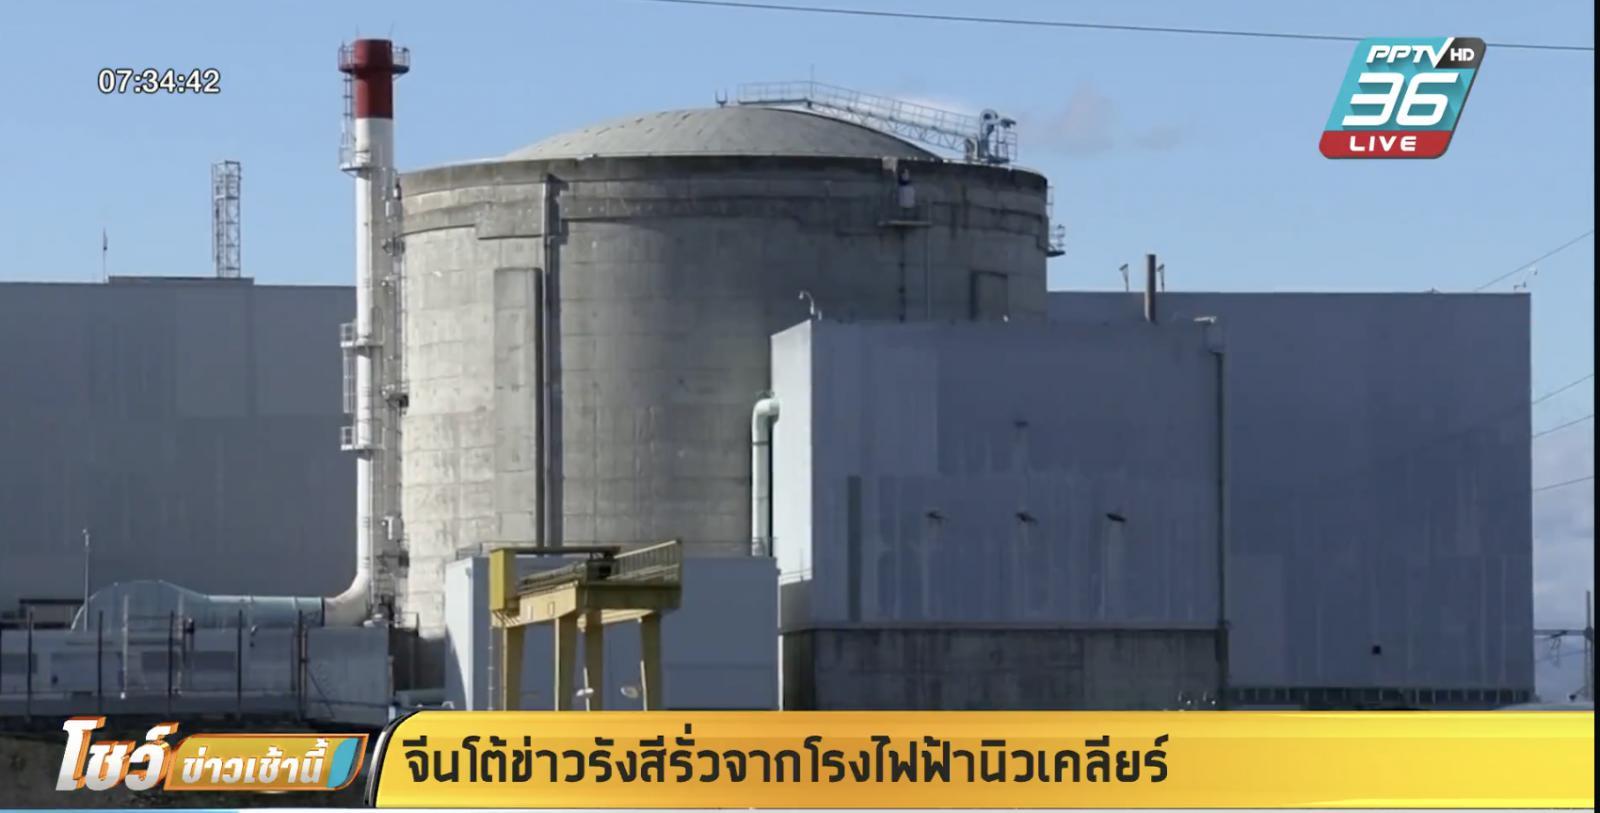 จีนโต้ข่าวรังสีรั่วจากโรงไฟฟ้านิวเคลียร์